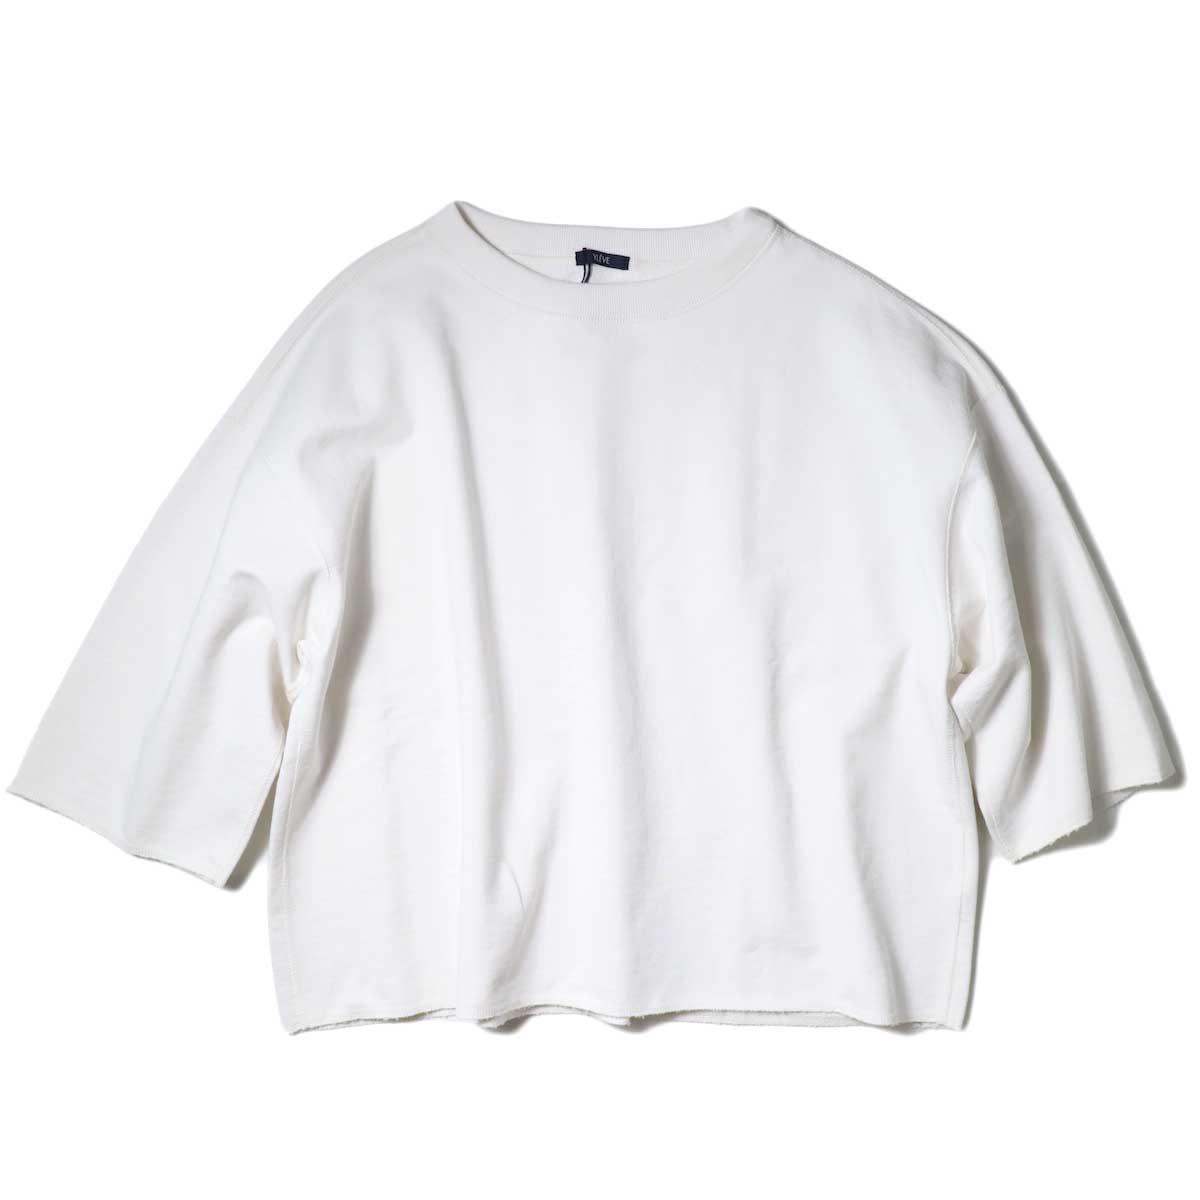 YLEVE / SUVIN CTN CUTOFF BIG (White) 正面